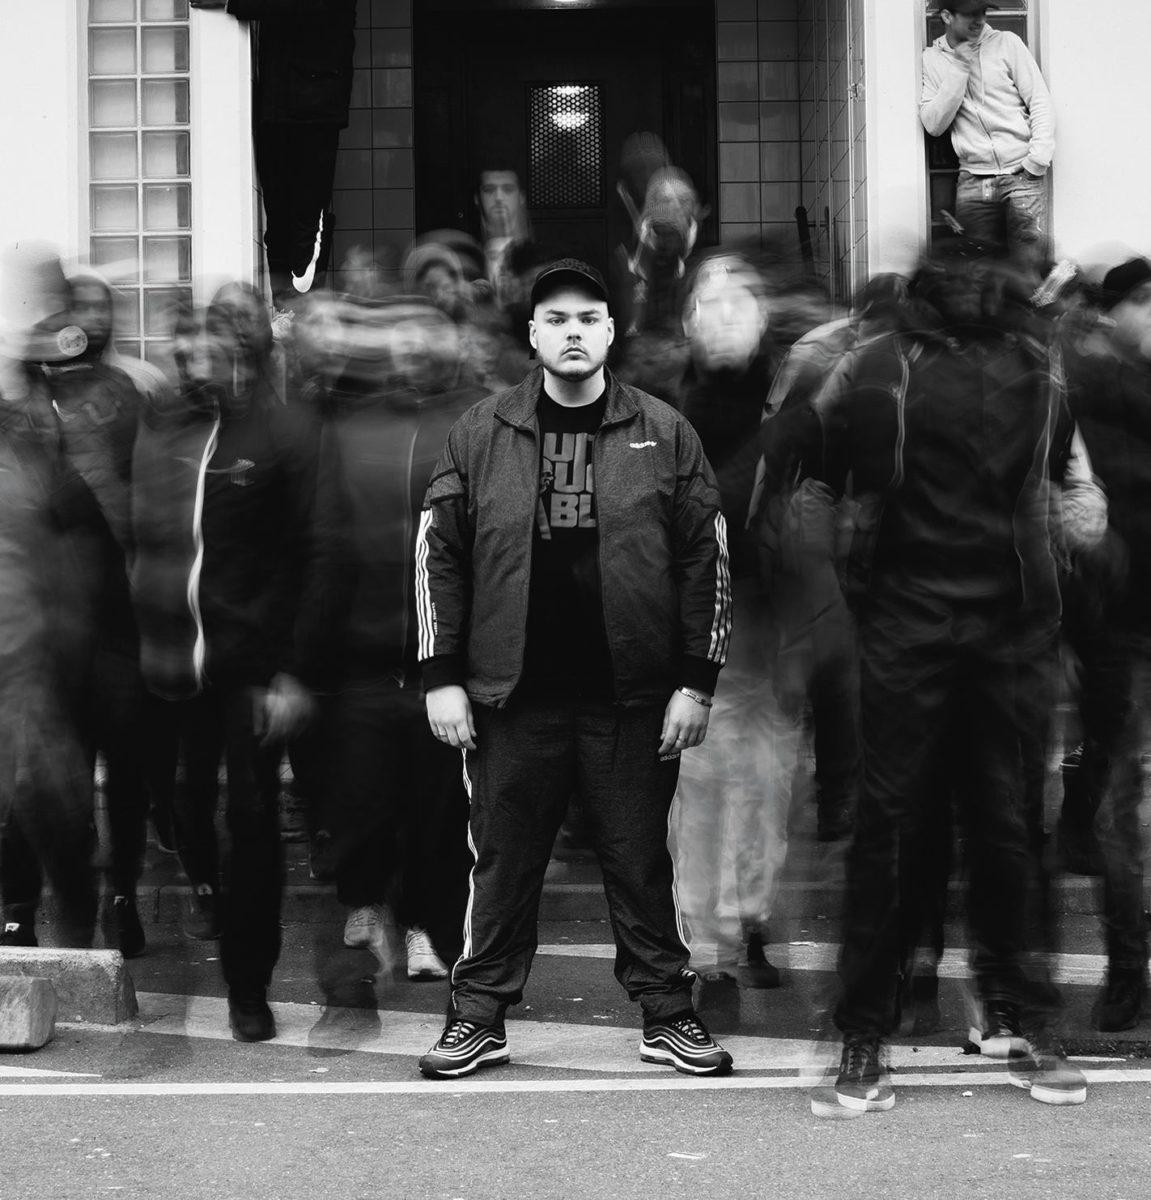 Remy auber fifou pochette radar album rap francais - Fifou, le photographe derrière les meilleures covers du rap français